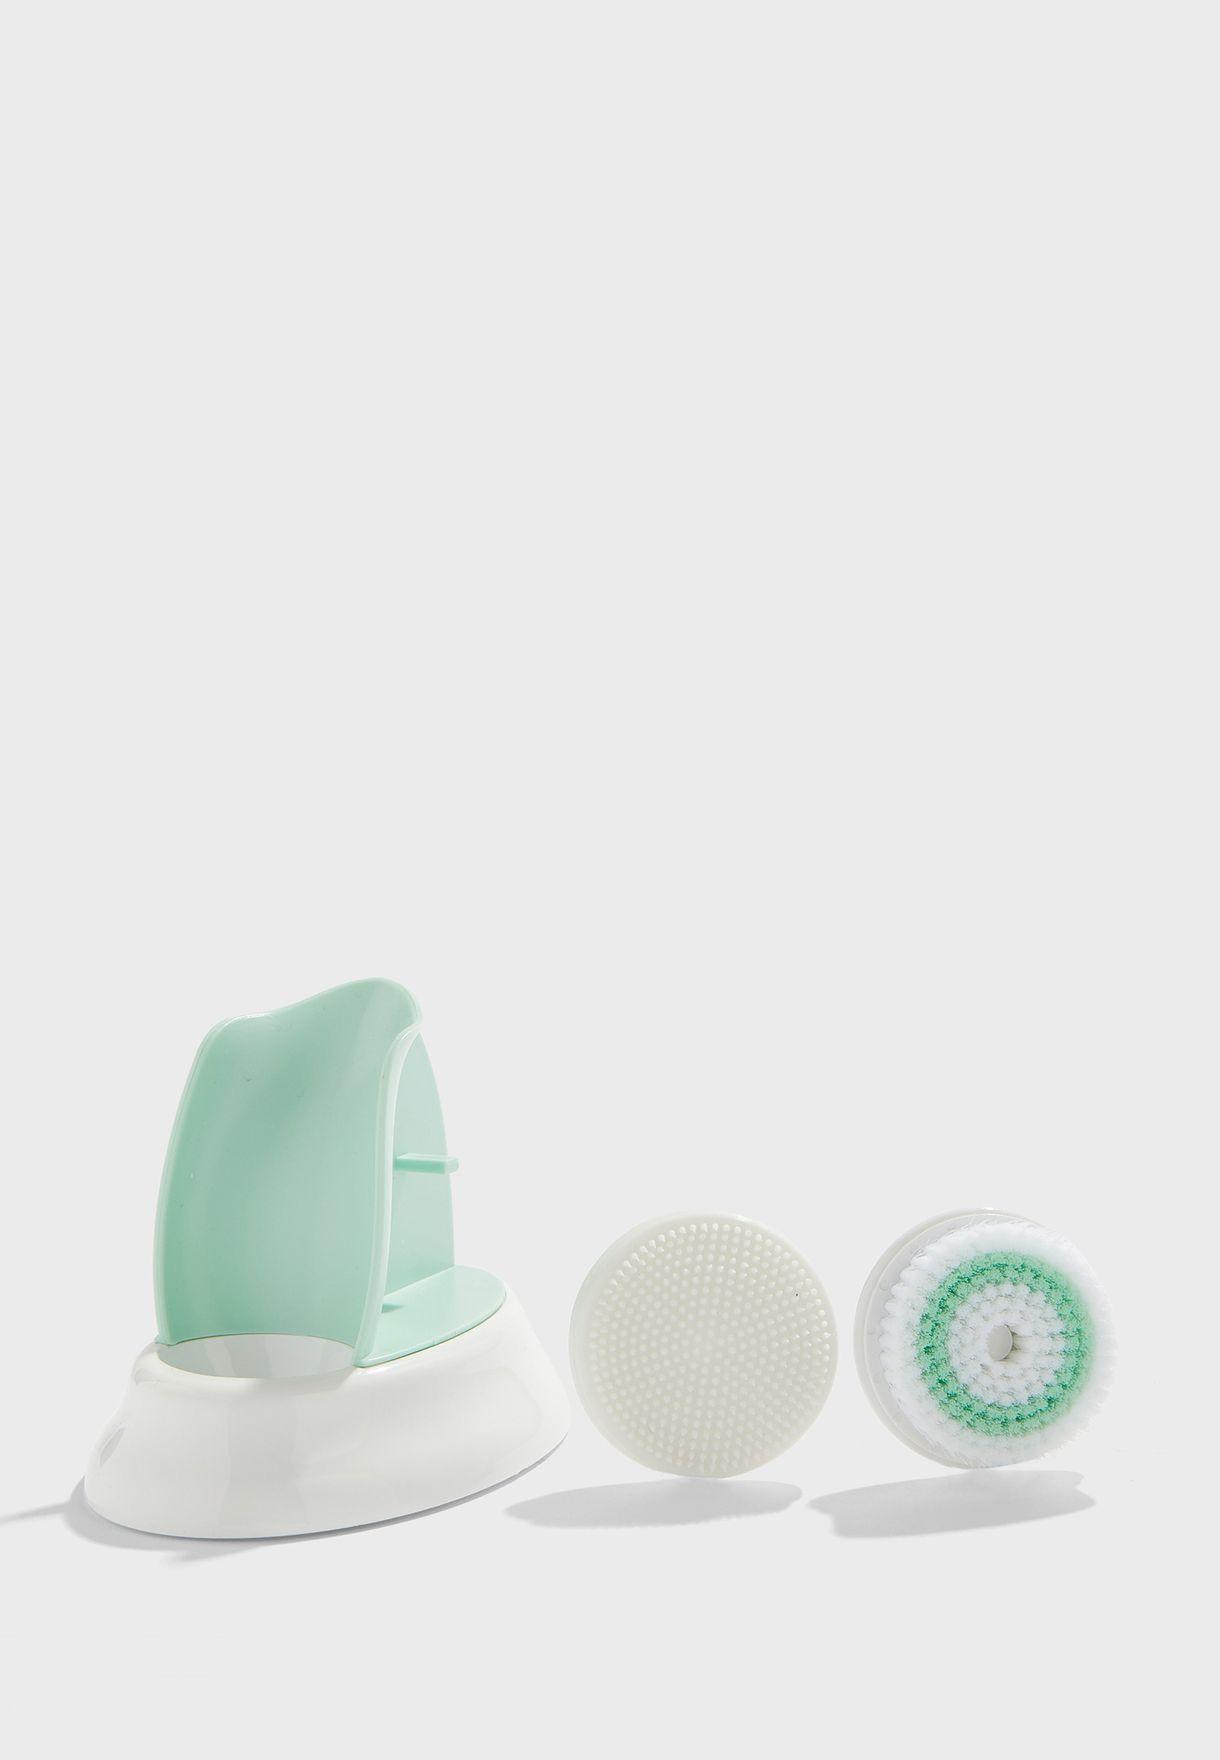 نظام تنقية وتنظيف الوجه